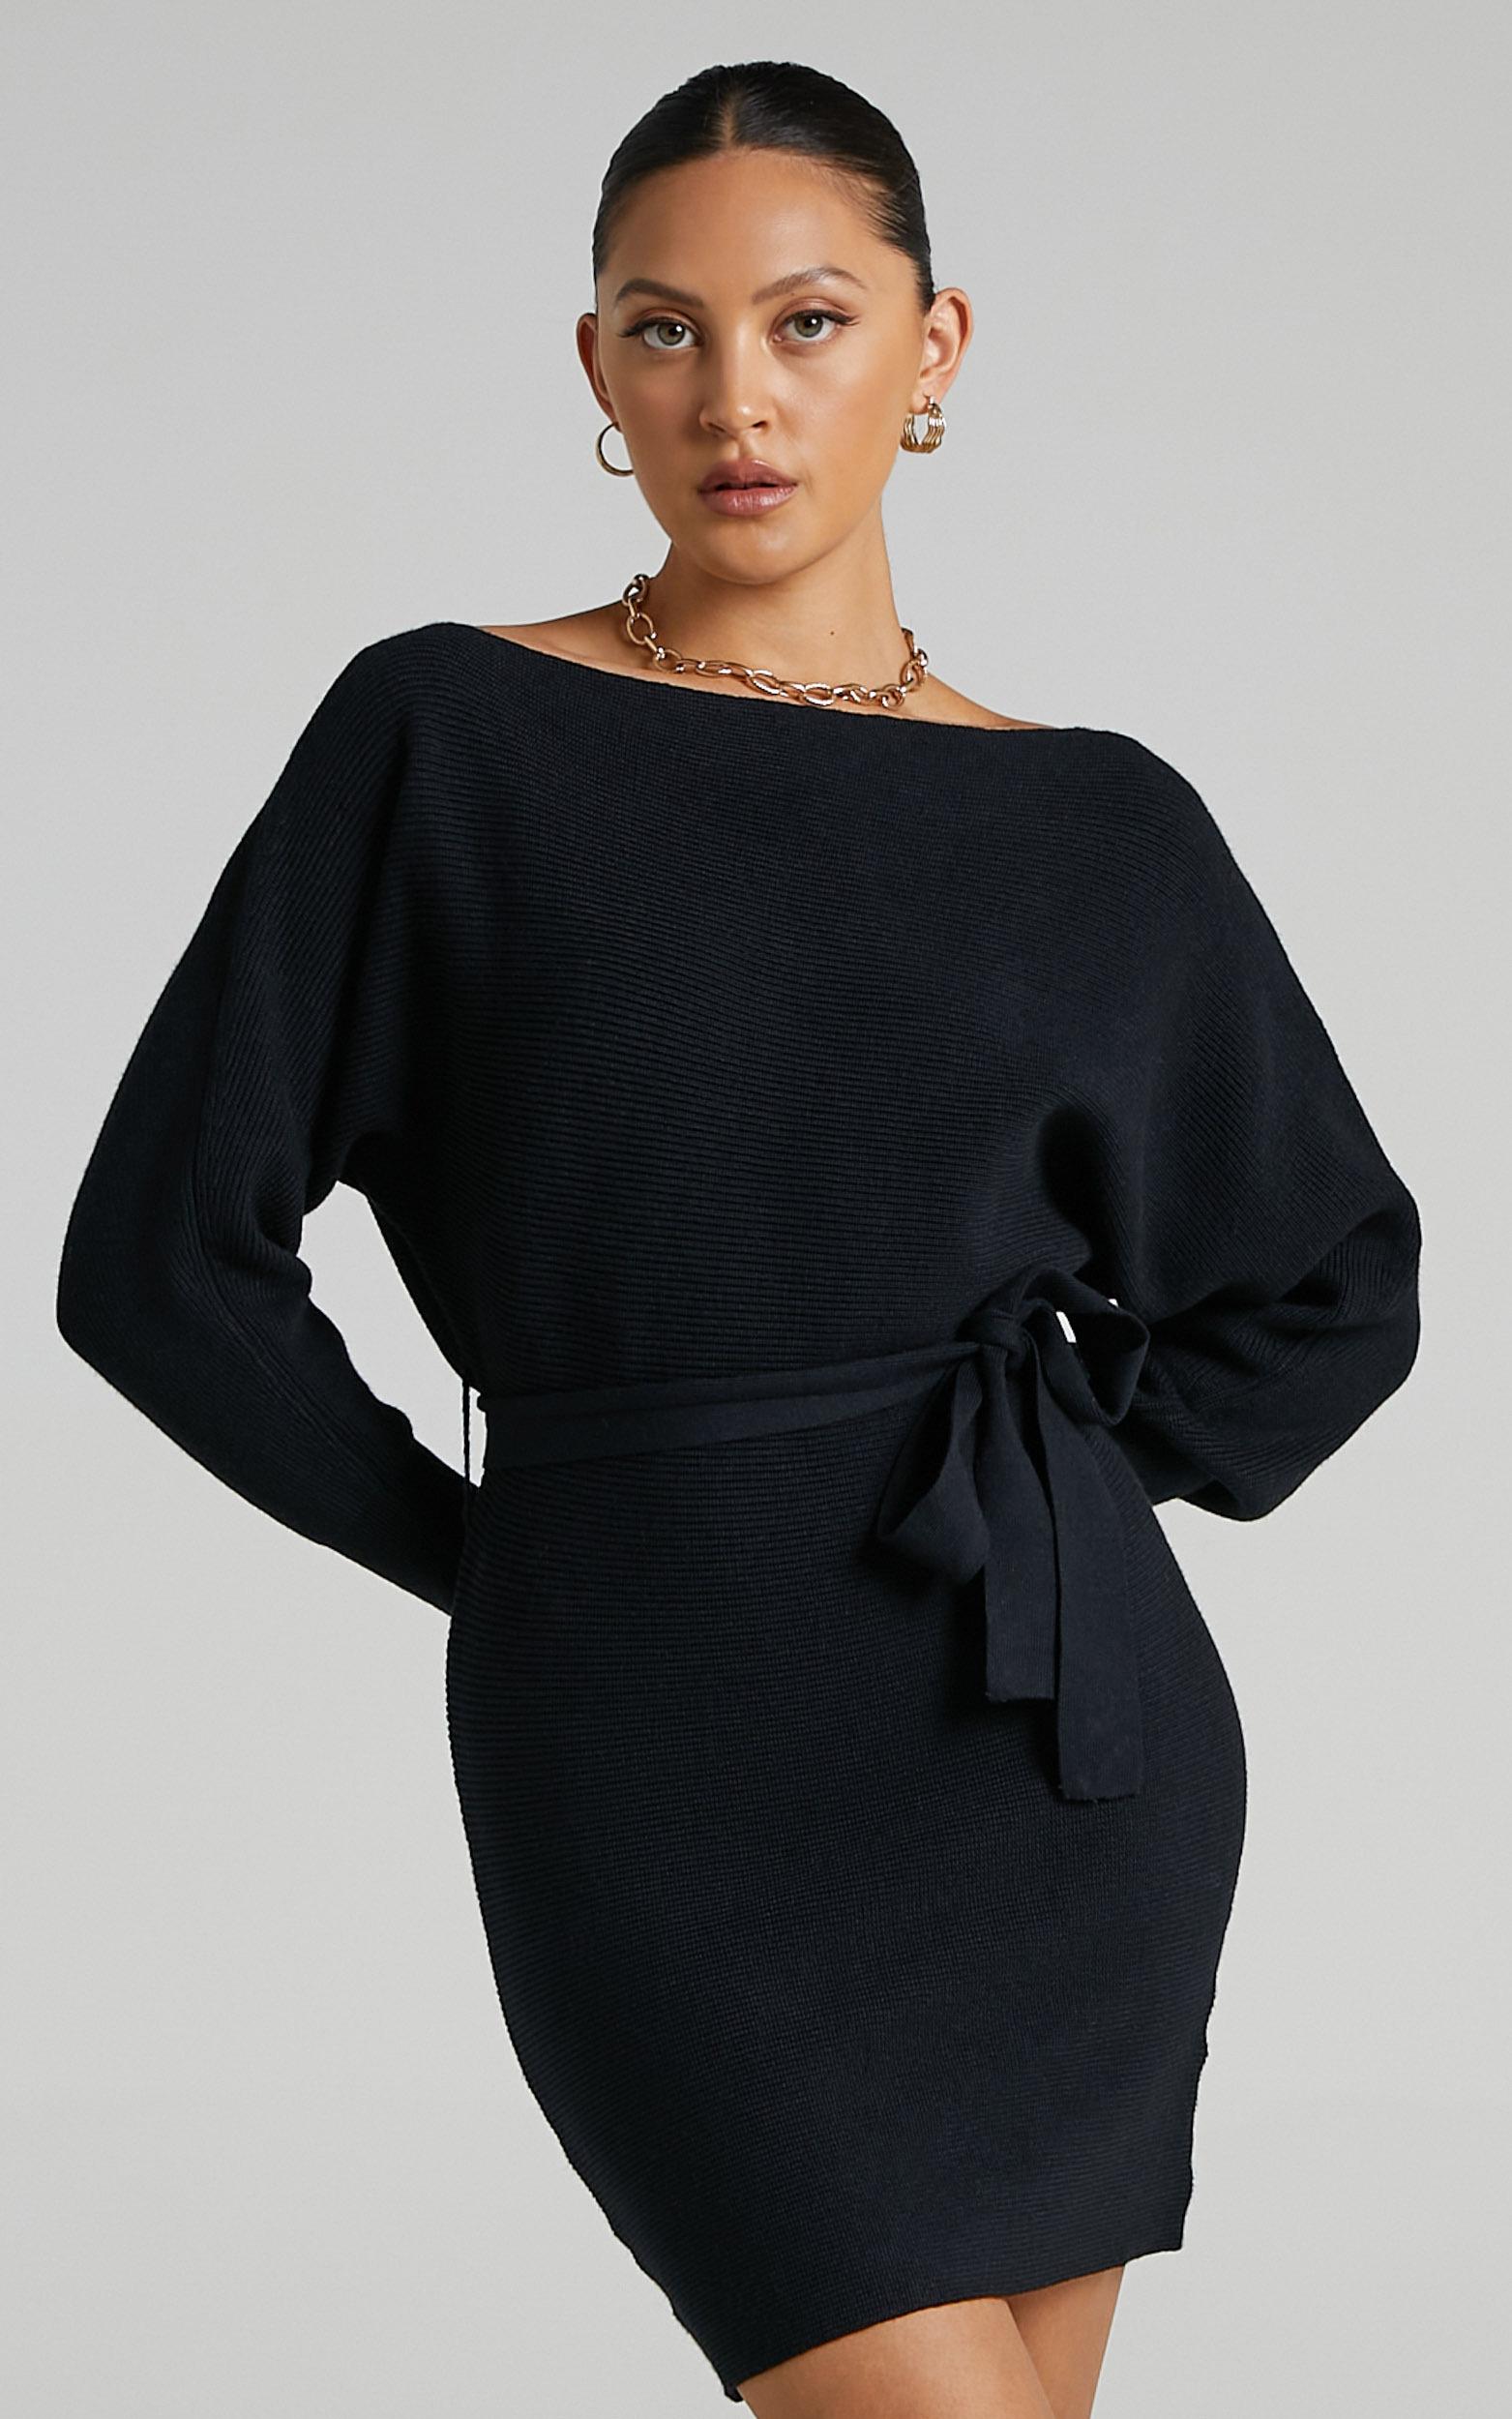 La Fleur Long Sleeve Knit Dress in Black - 06, BLK1, hi-res image number null